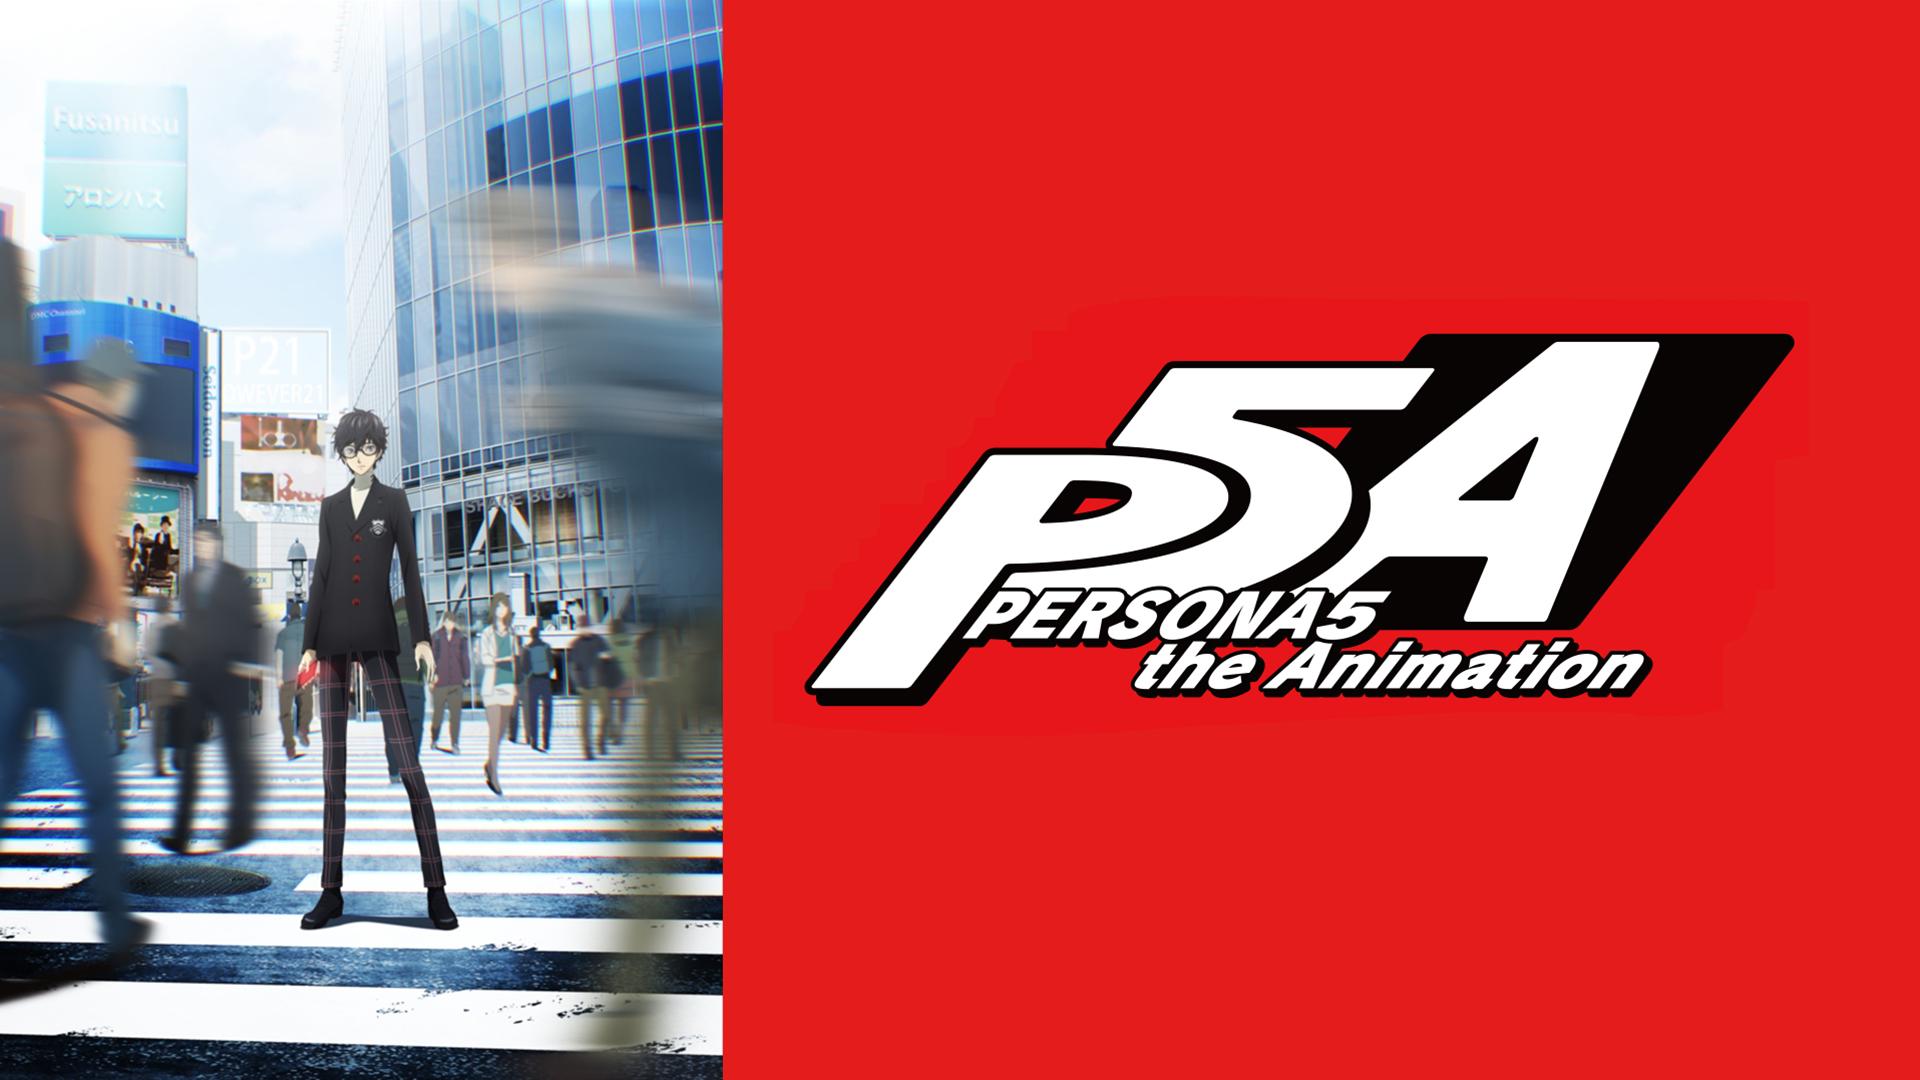 アニメ『ペルソナ 5』無料動画まとめ!1話から最終回を見逃しフル視聴できるサイトは?